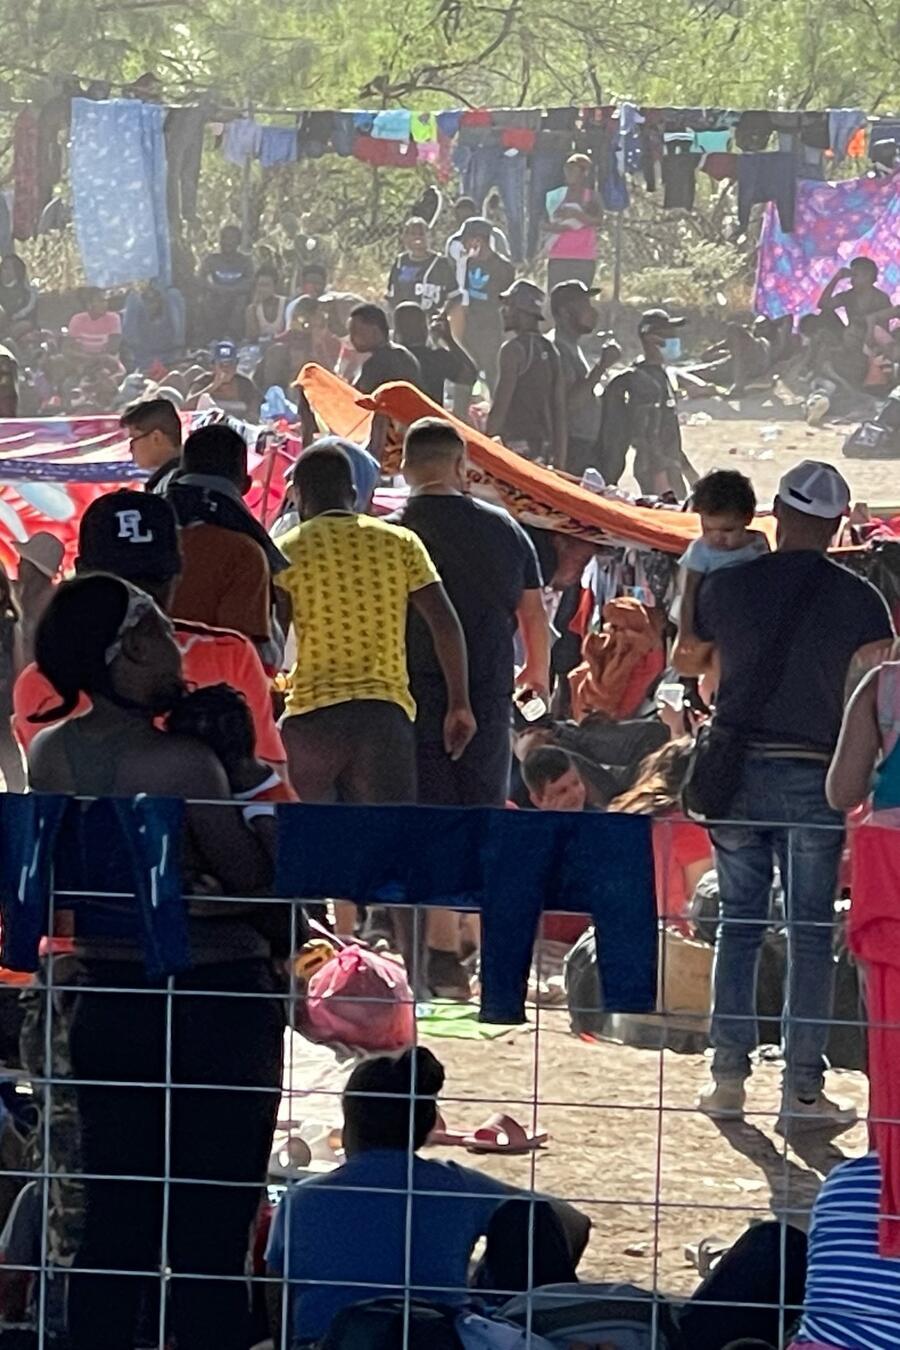 Miles de haitianos acampan en Texas tras un cruce fronterizo masivo